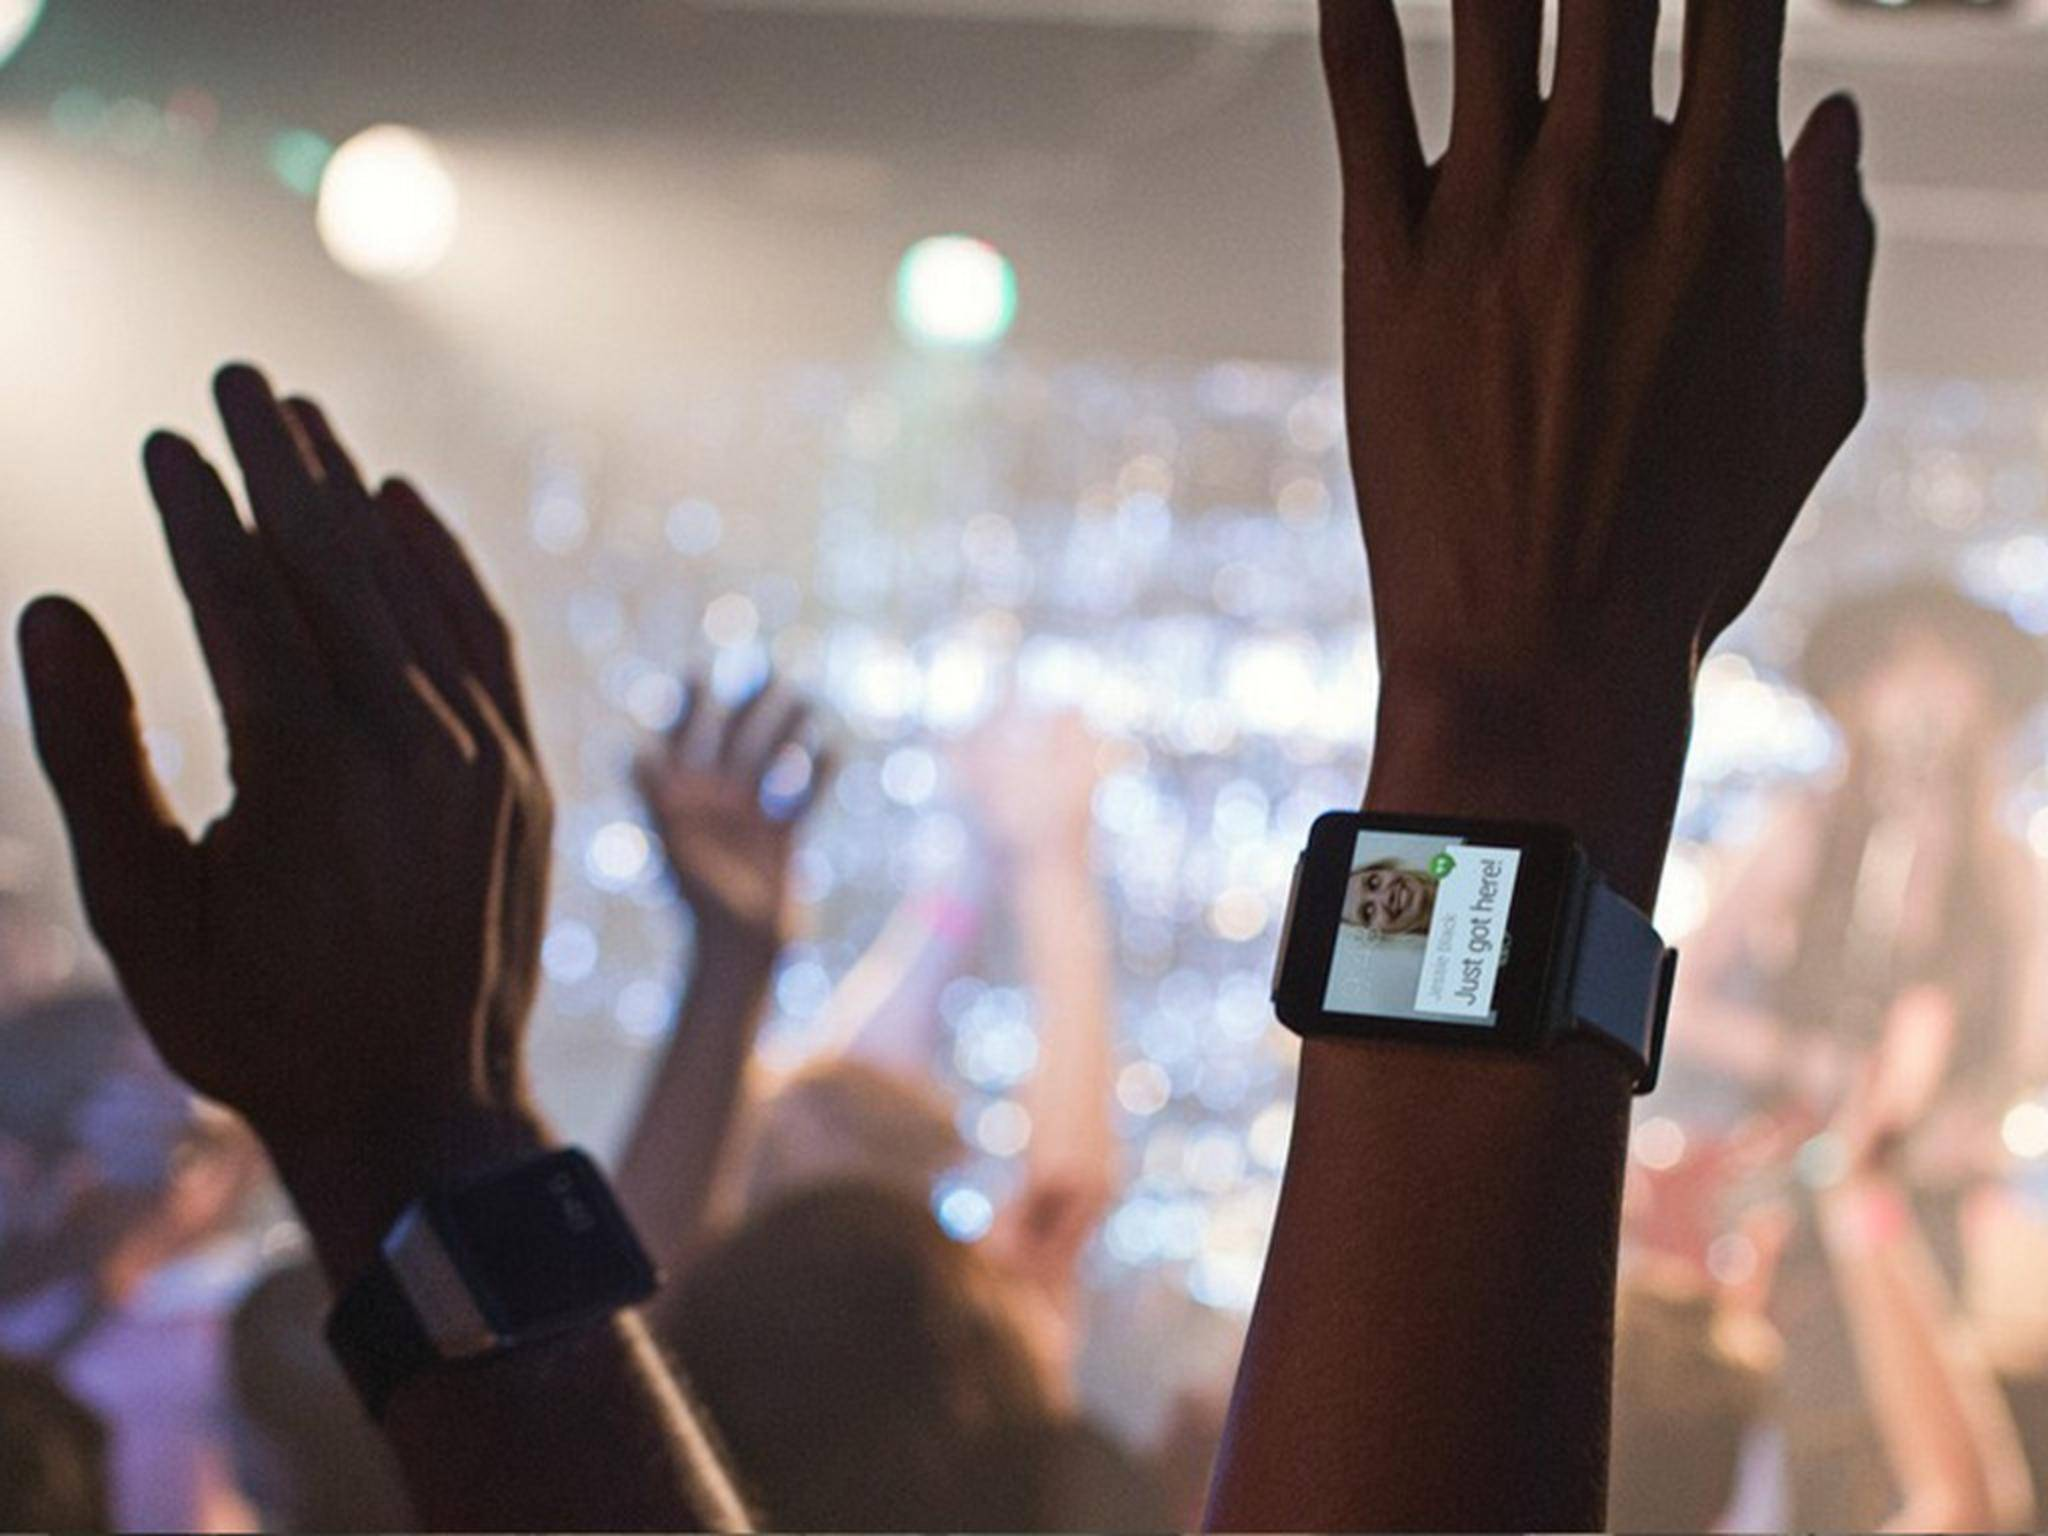 Wer noch nicht textsicher ist, kann künftig auf der Smartwatch mitlesen.